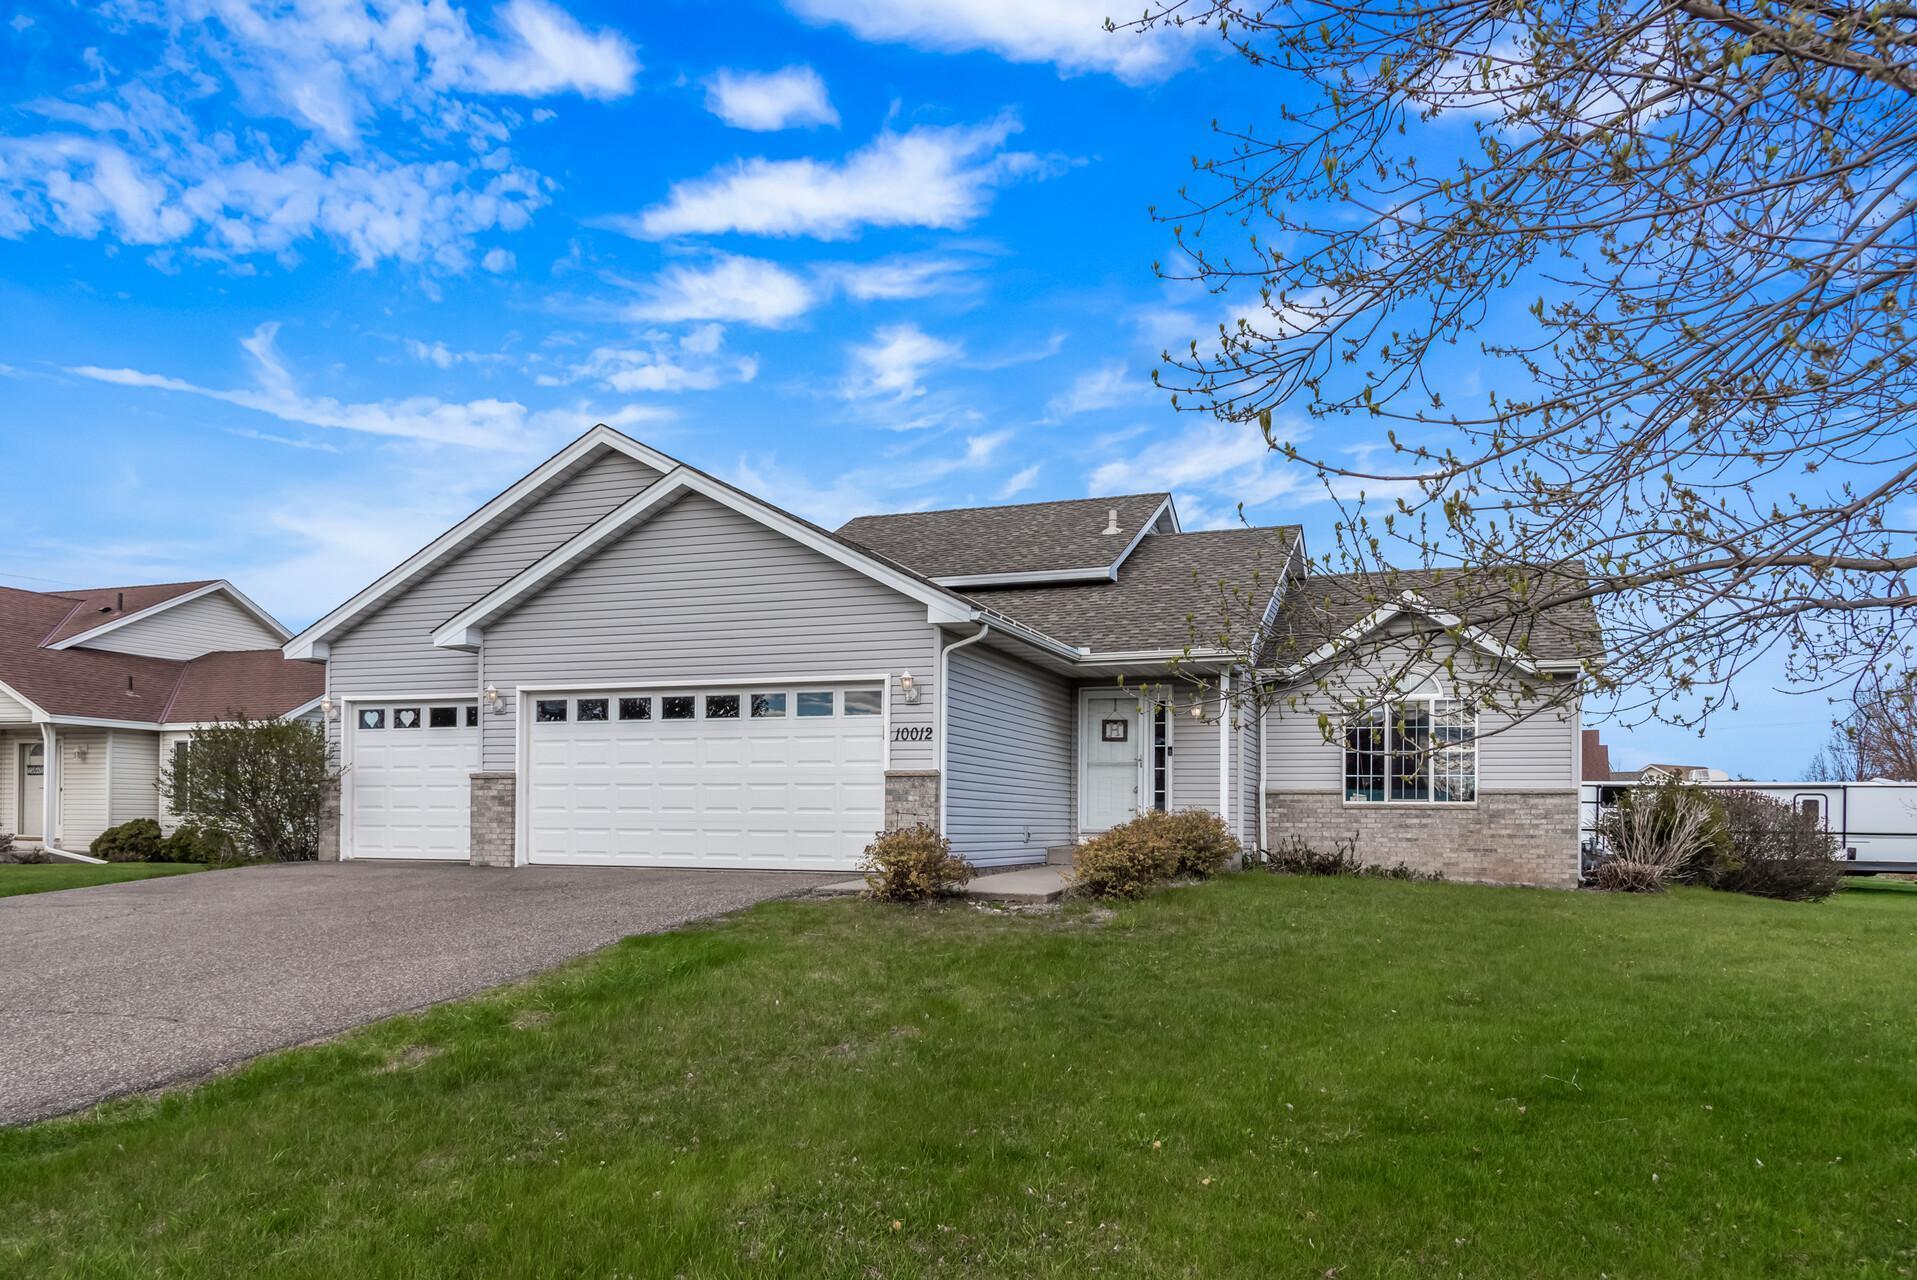 10012 Prescott Drive, Monticello MN 55362 - Photo 2